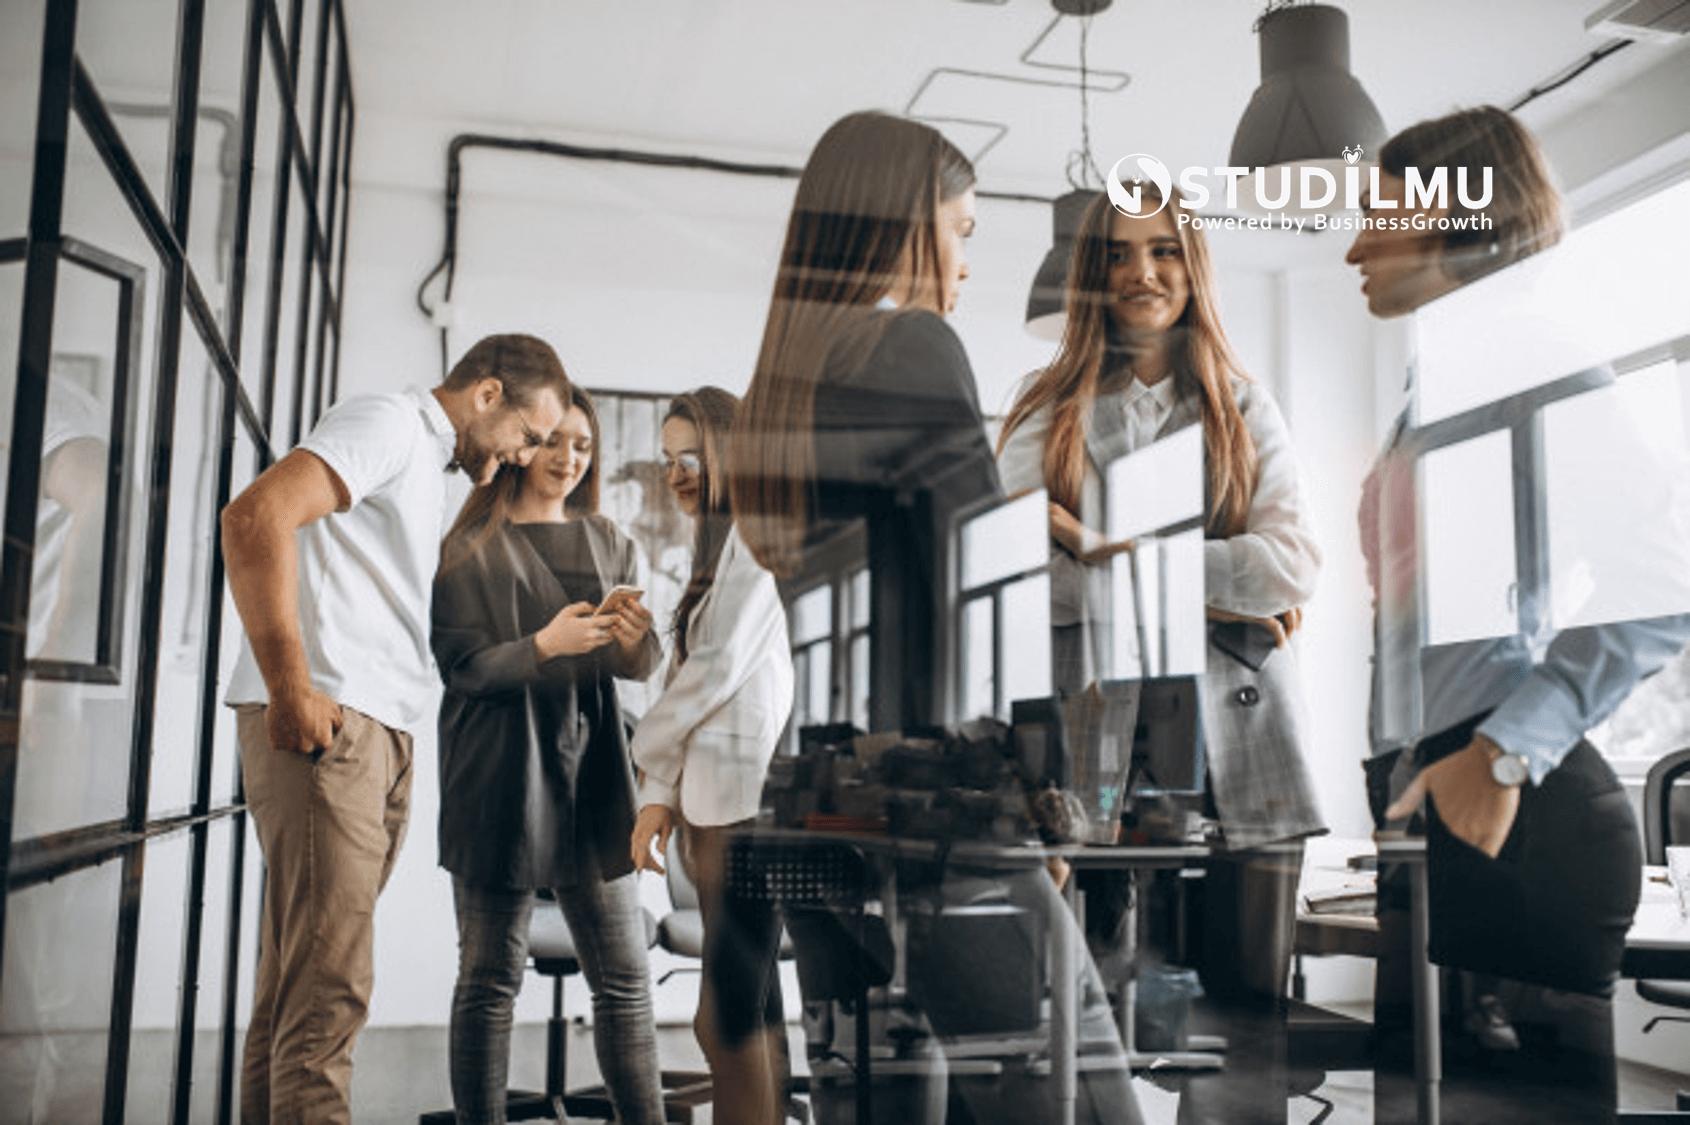 STUDILMU Career Advice - Contoh Komunikasi Verbal dan Non-verbal dalam Dunia Kerja